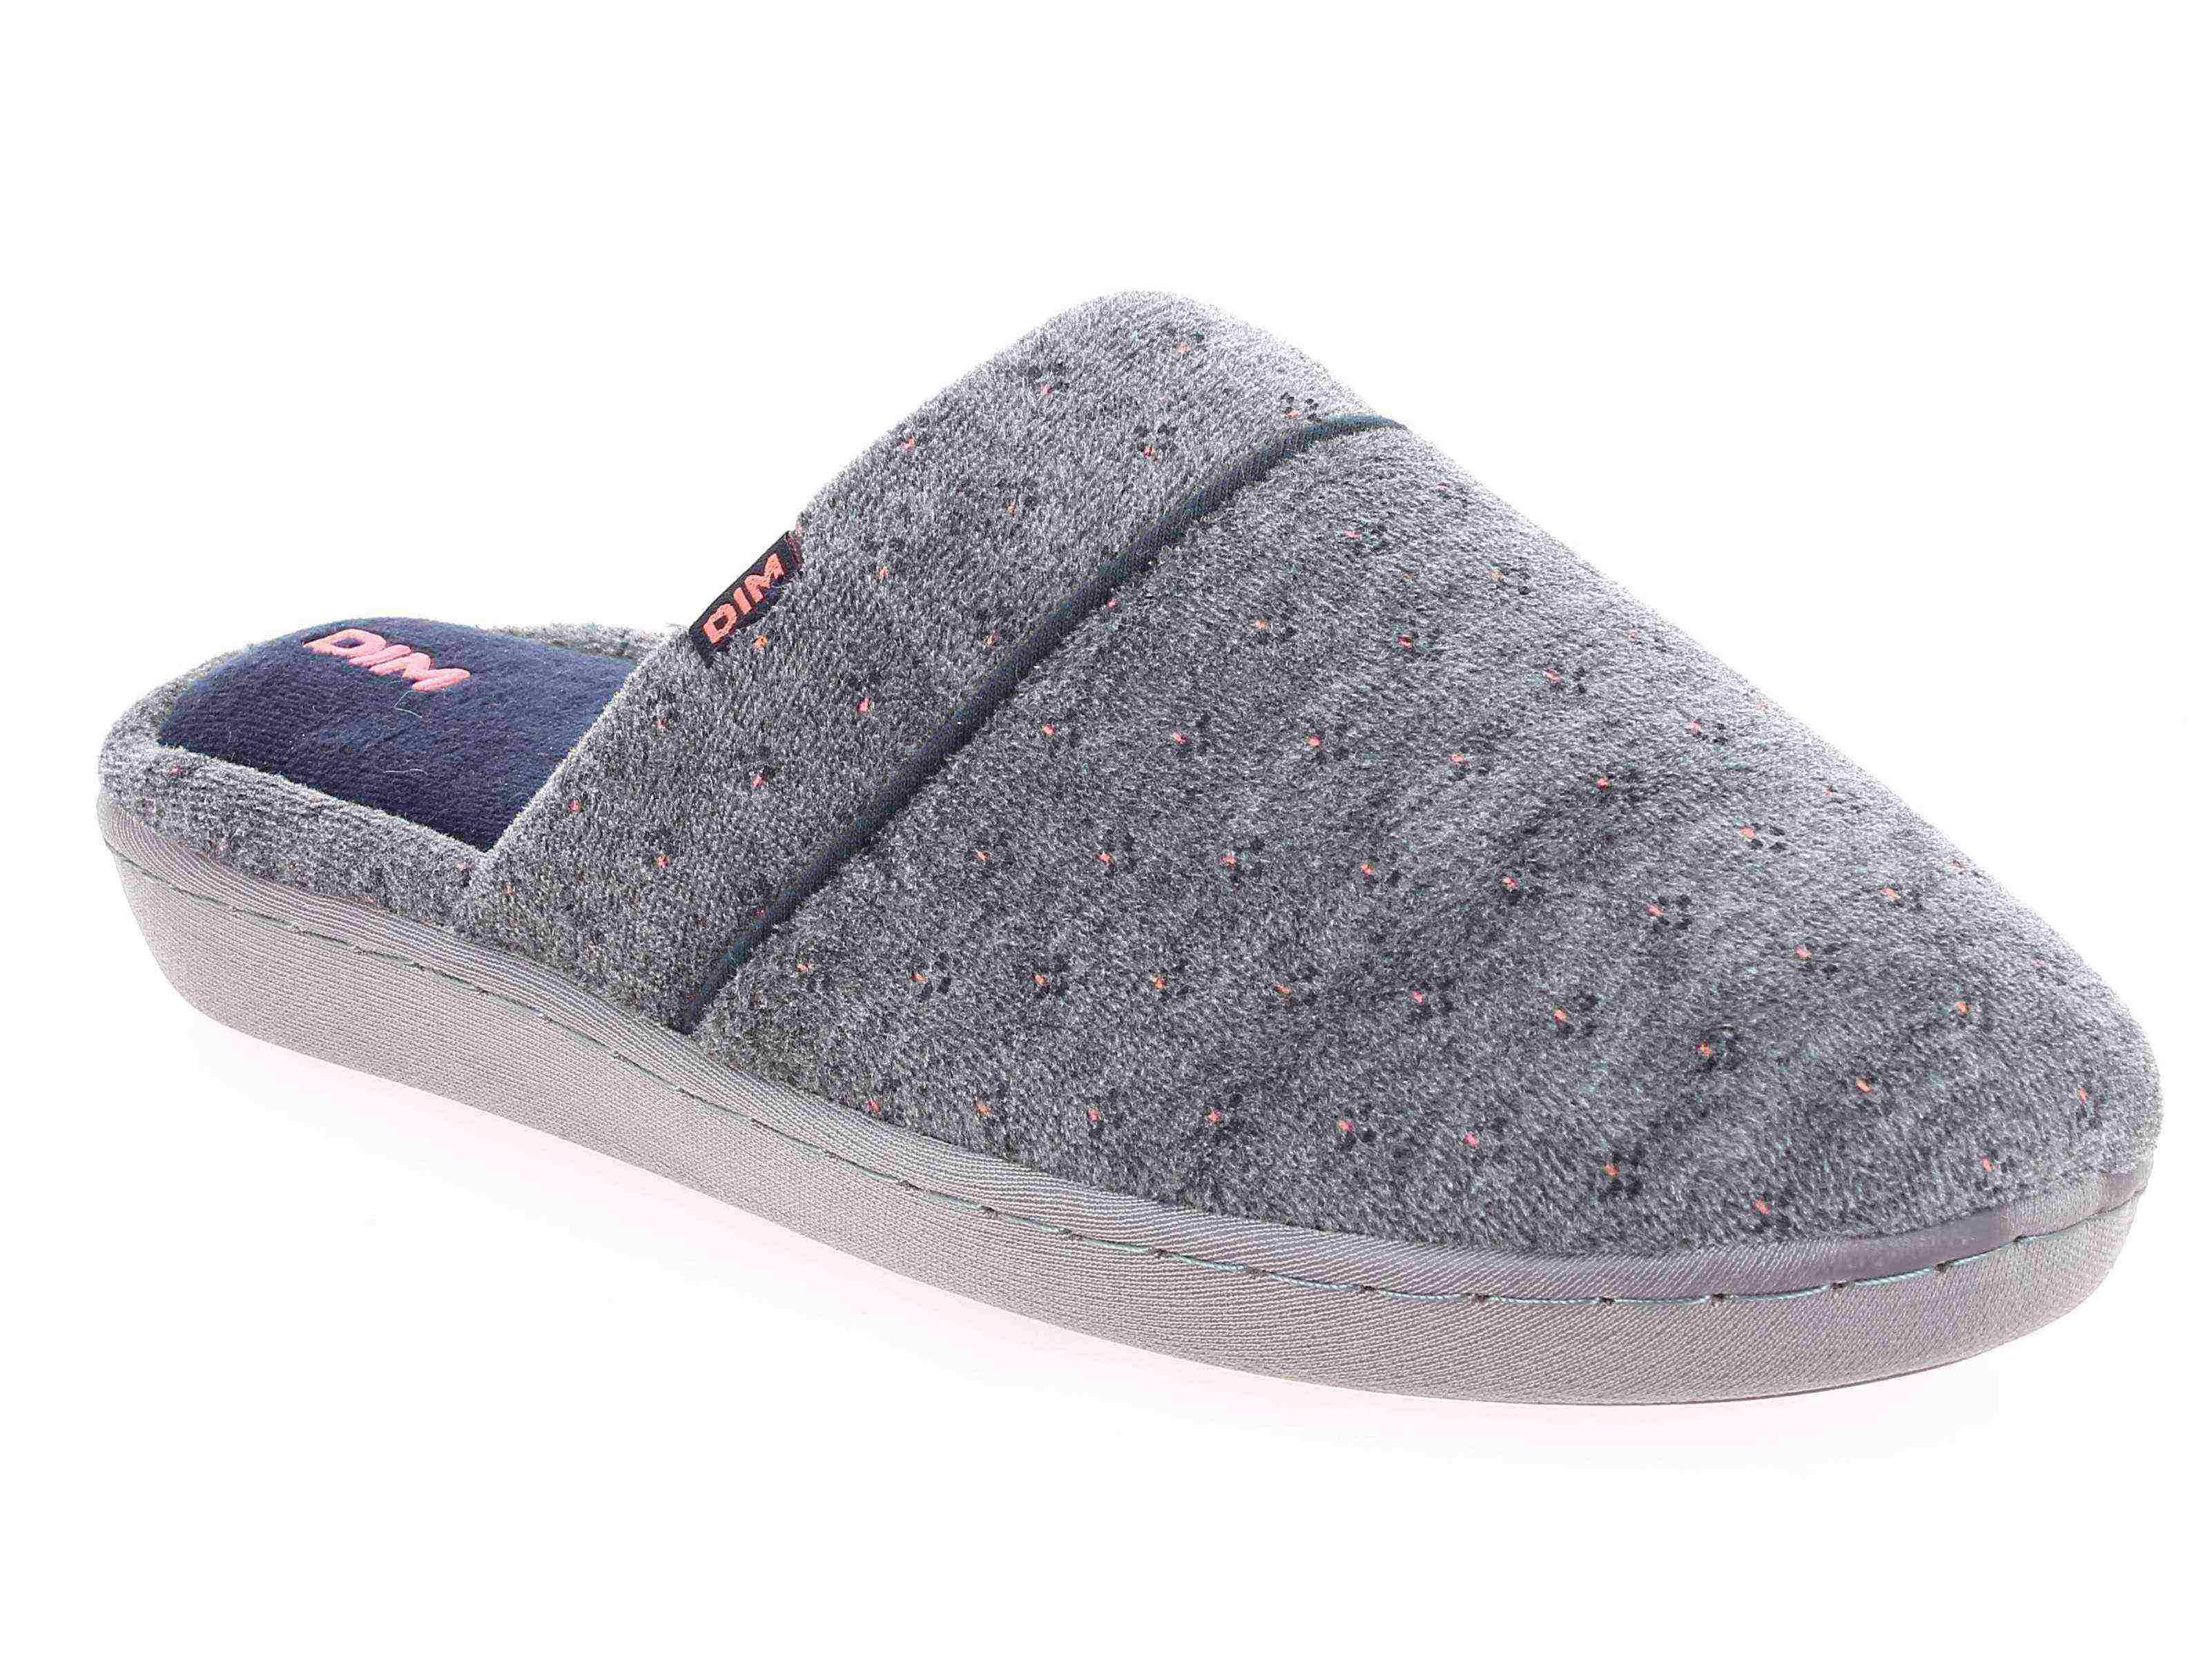 Chaussons type pantoufles gris intérieur bleu Femme